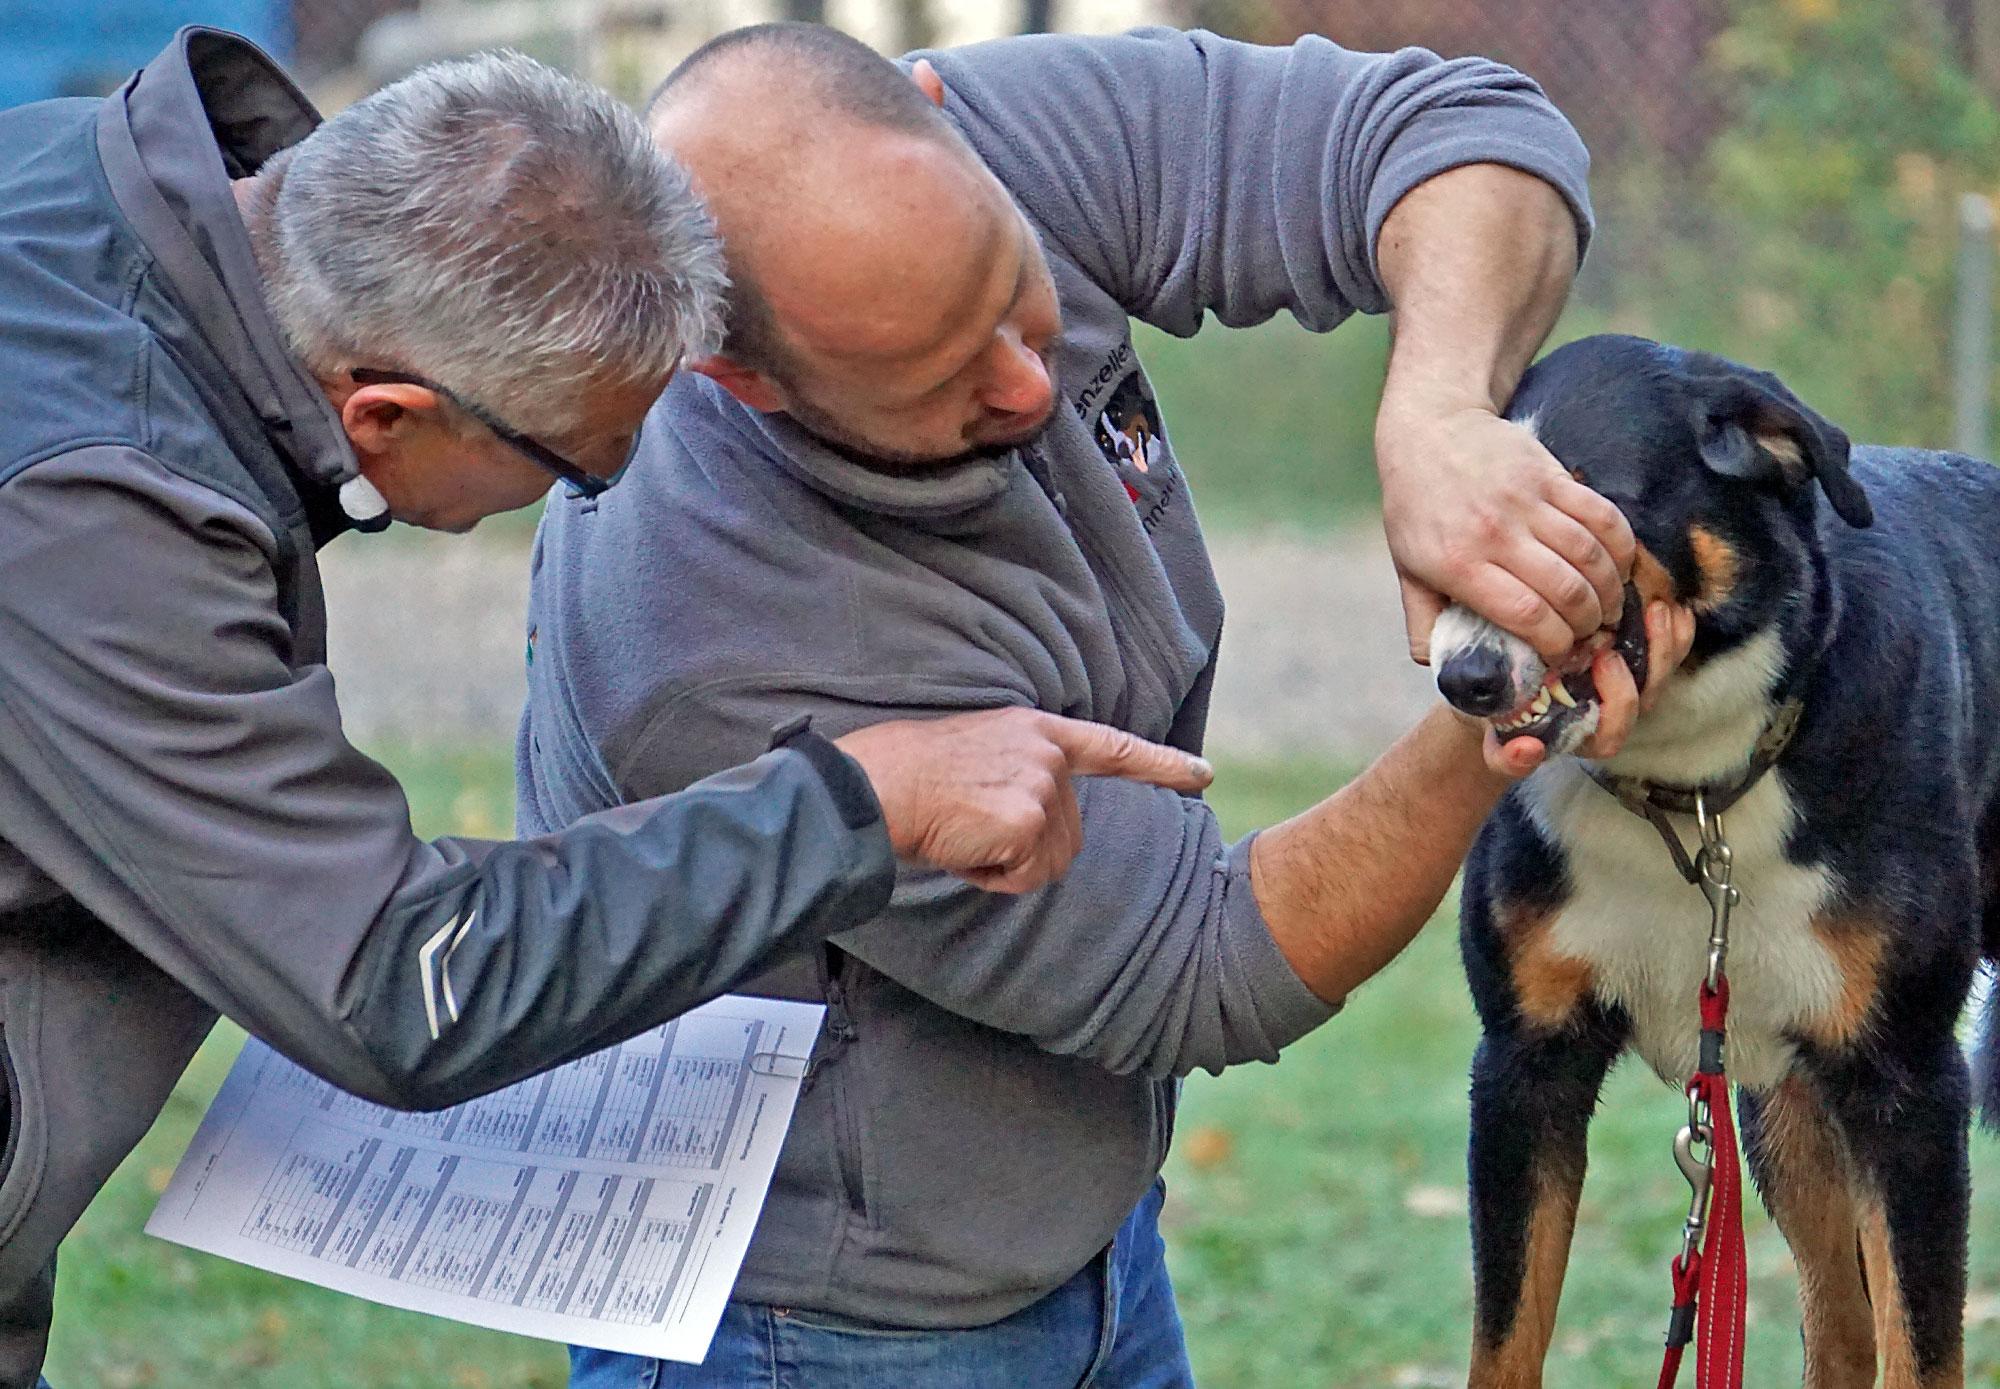 Auch die Zähne werden kontrolliert. Dabei sollte sich der Hund ins Maul schauen lassen.